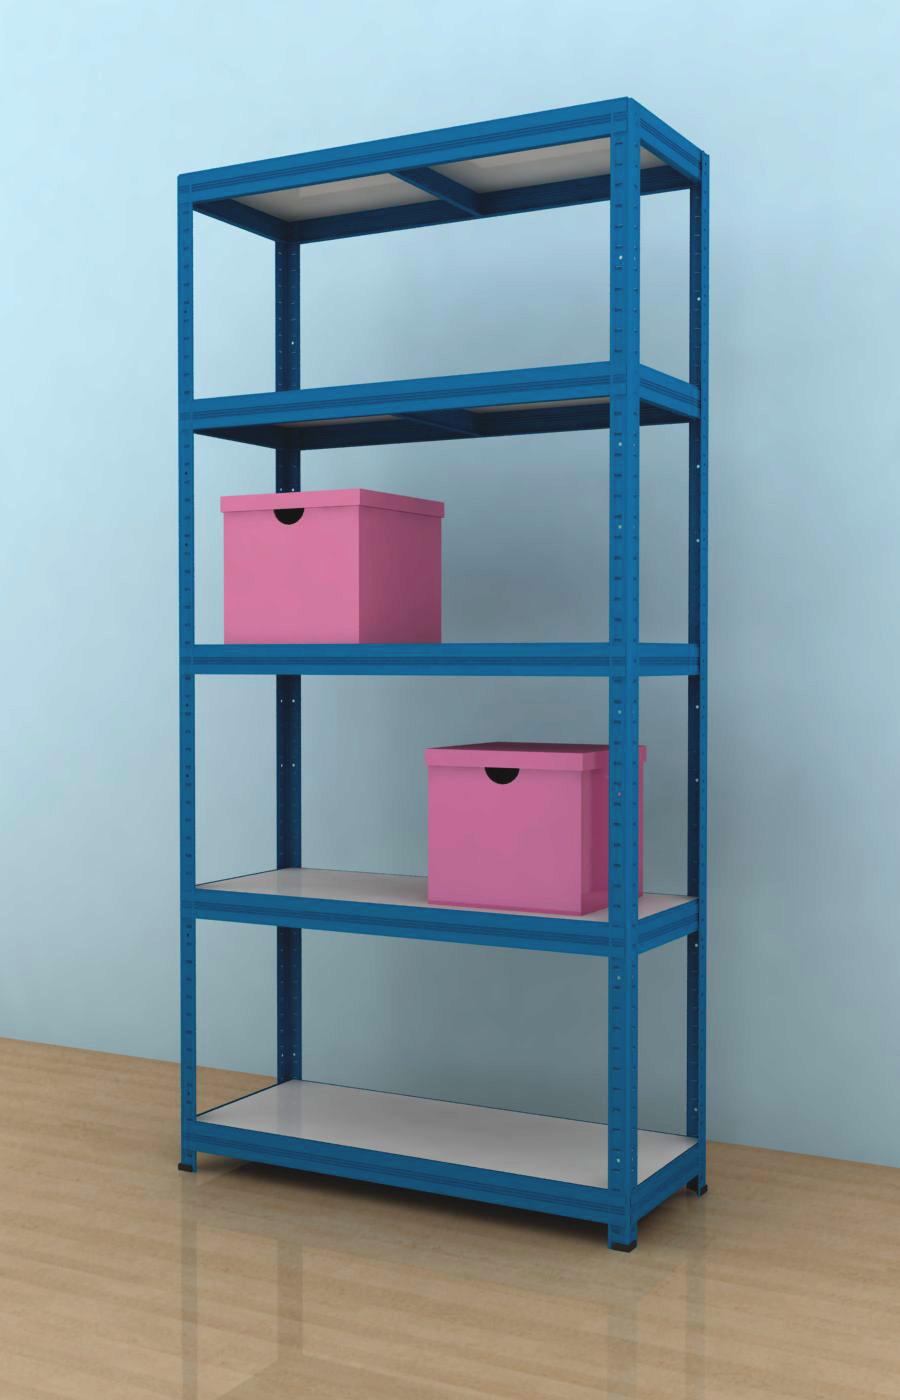 Kovový regál Futur 1800x900x350/5, modrá, 350kg/pol.- lamino (Modrá, 350kg/pol. lamino!)